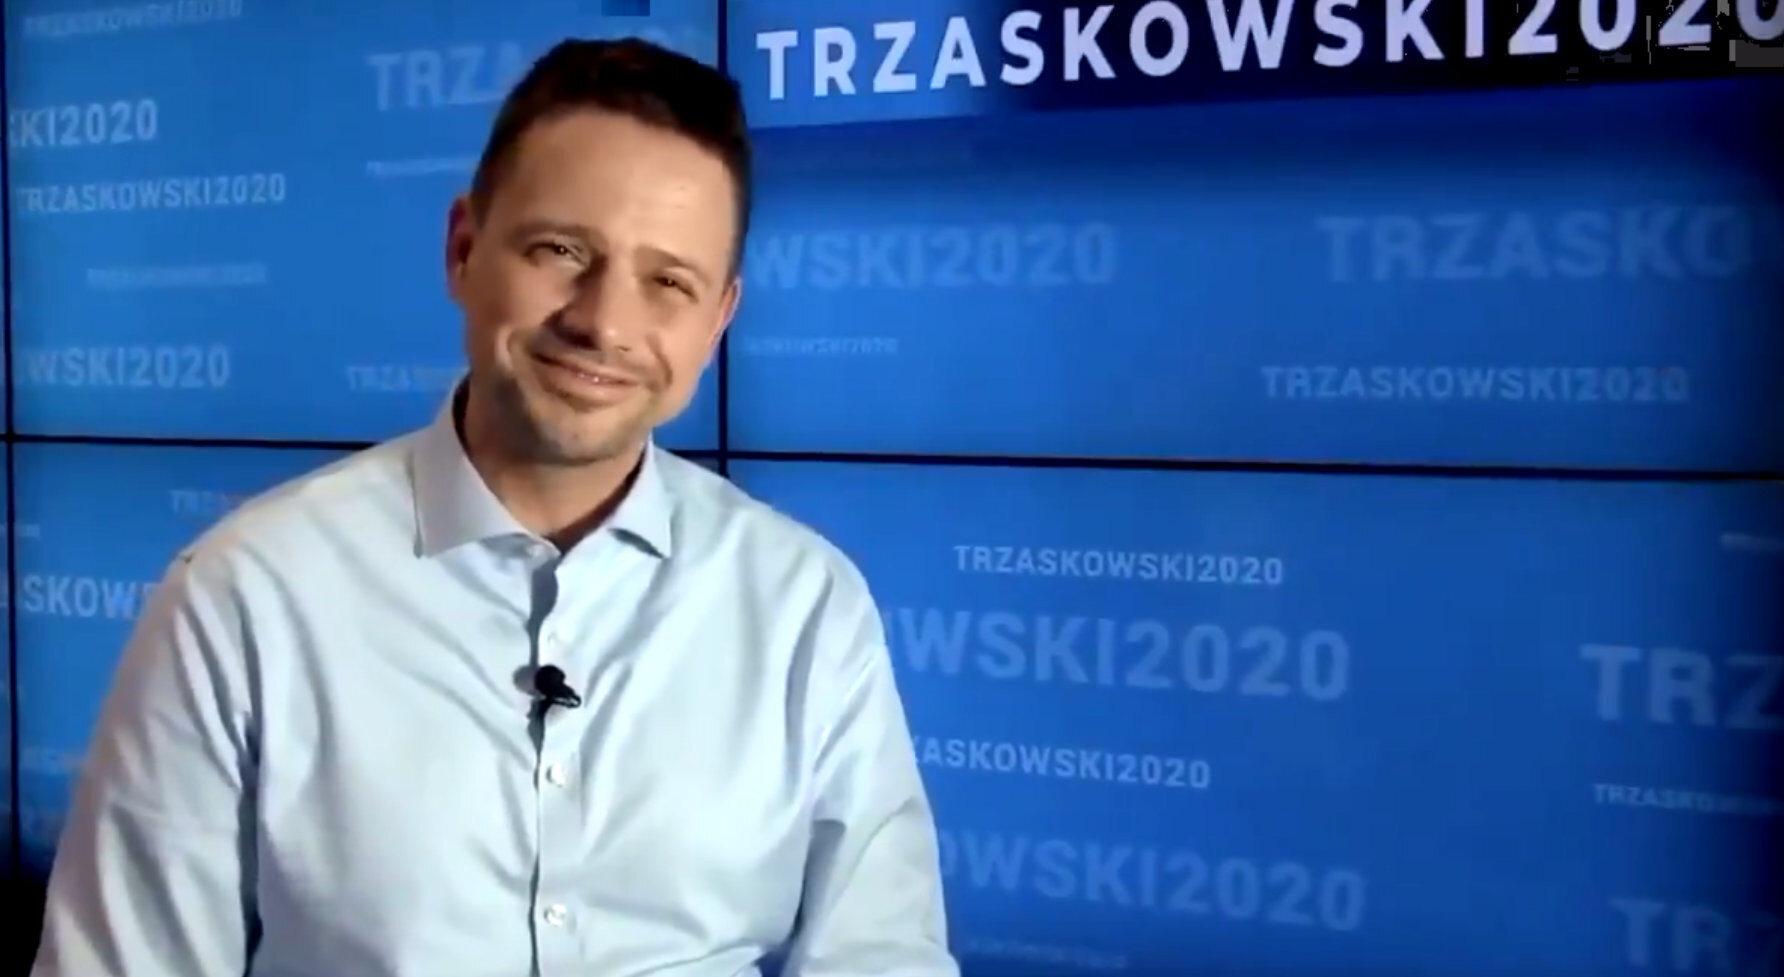 Prezydent Warszawy, kandydat KO na prezydenta Rafał Trzaskowski.